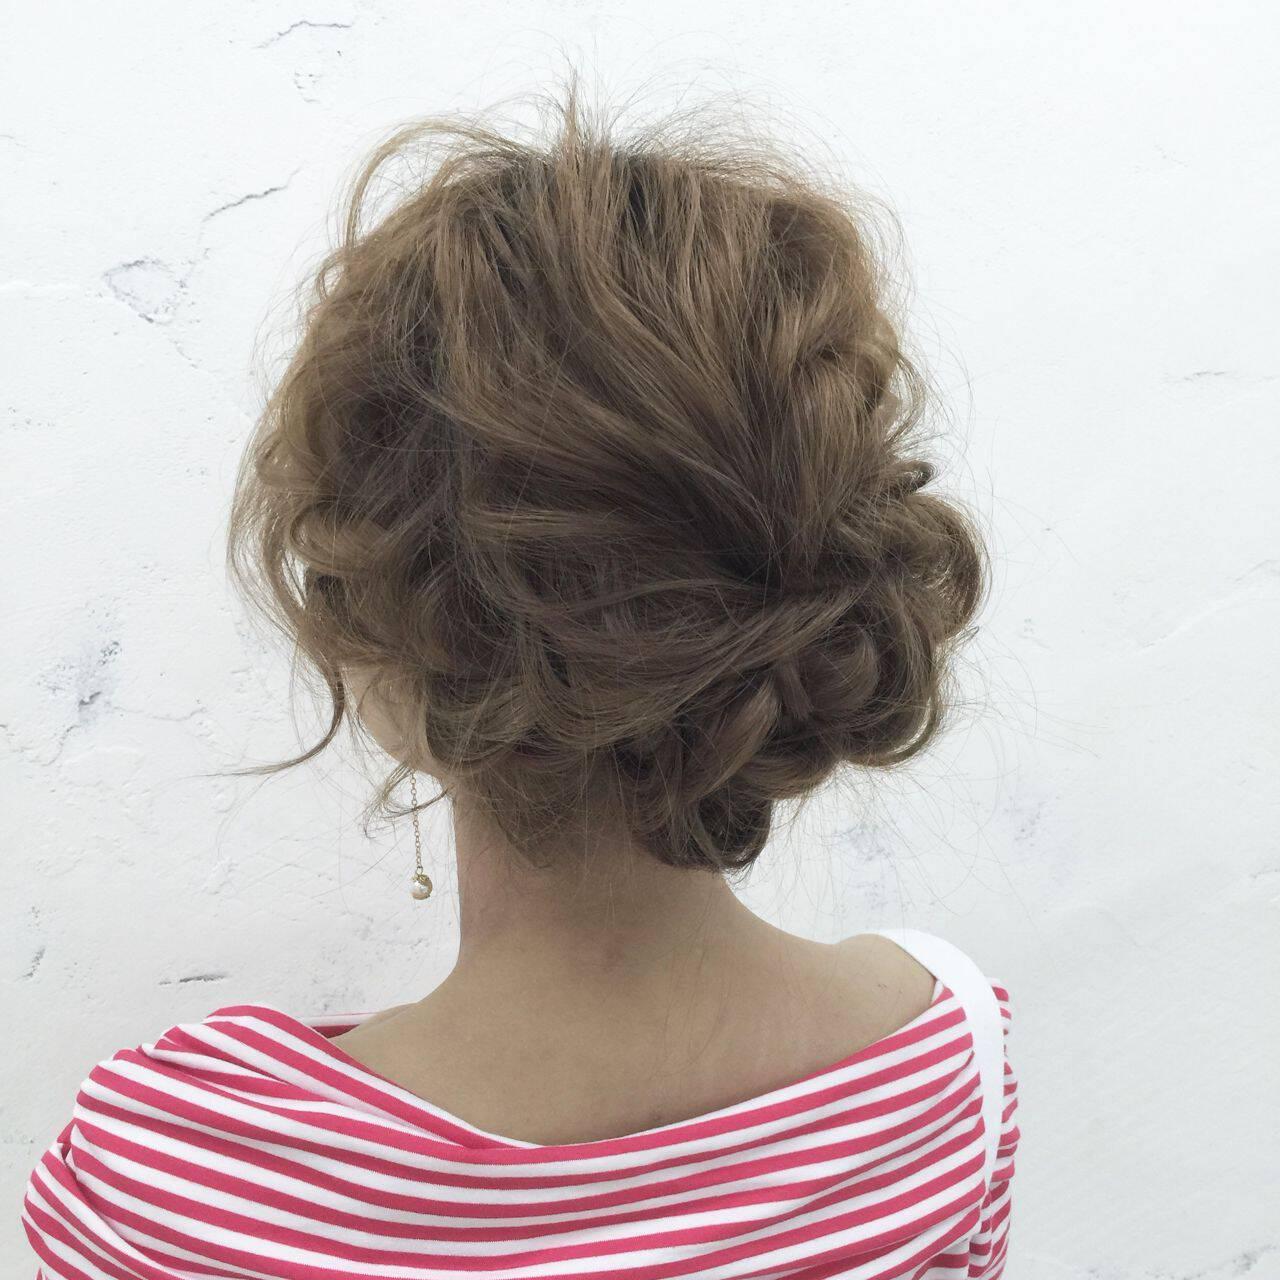 モテ髪 ナチュラル ヘアアレンジ ゆるふわヘアスタイルや髪型の写真・画像